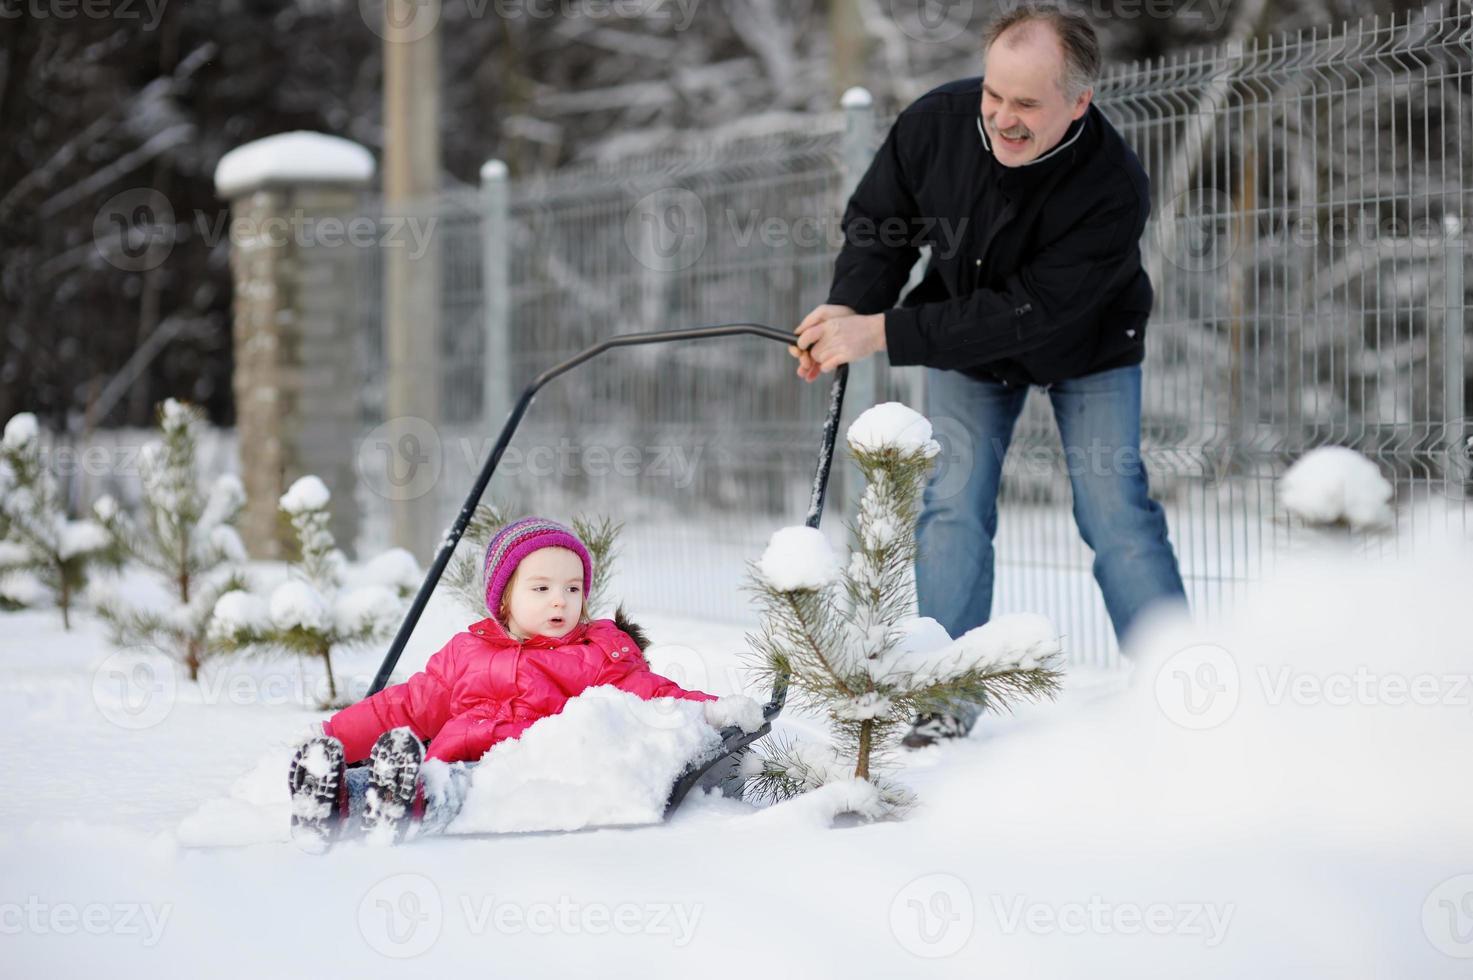 divertimento invernale: fare un giro sulla pala da neve foto